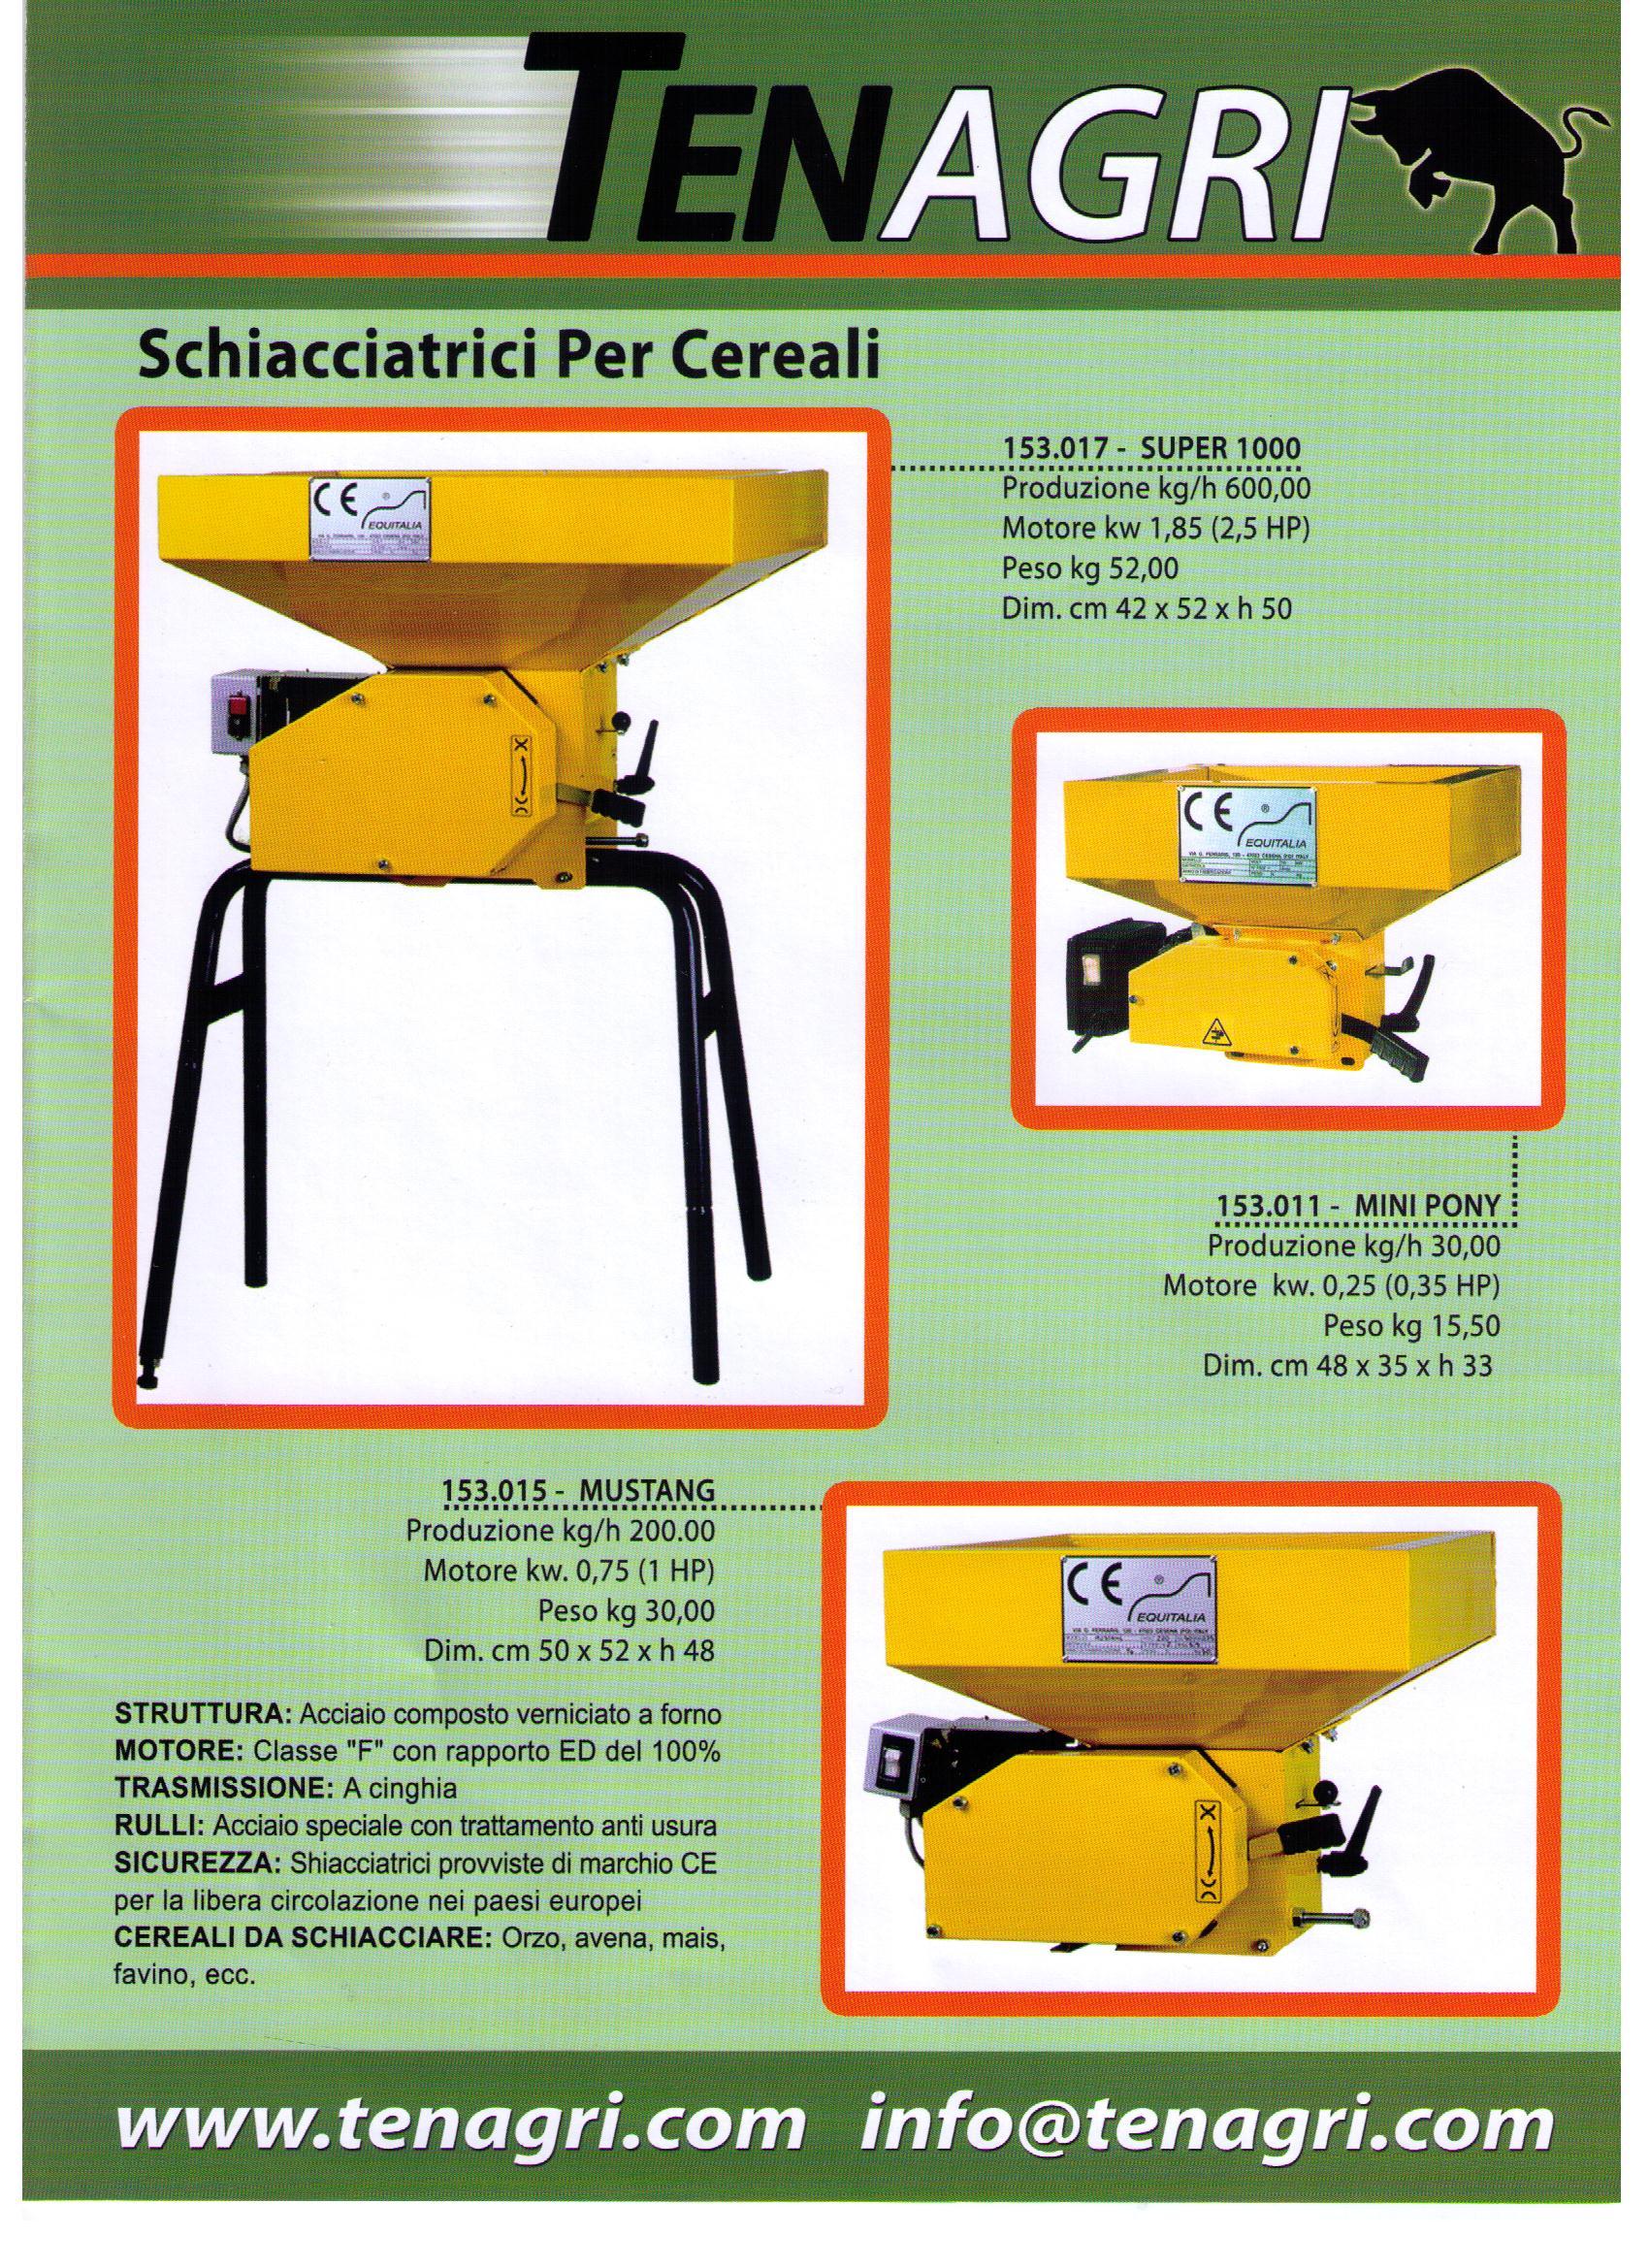 Schiacciatrici cereali alcamo trapani for Vetroresina ondulata prezzo